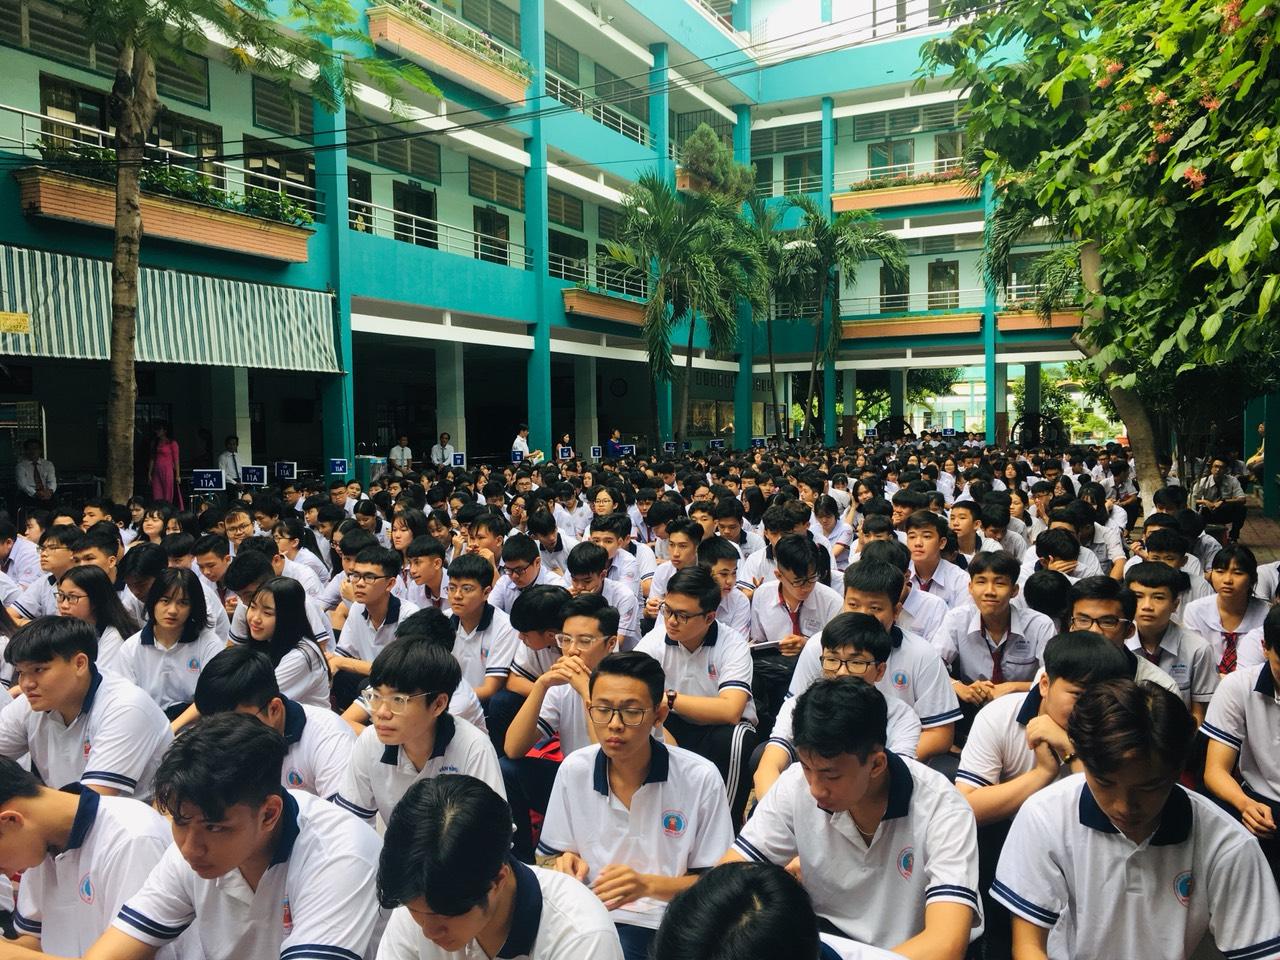 Trường uy tín TPHCM cần có điều gì? – truongtuthucchatluongtaitphcm